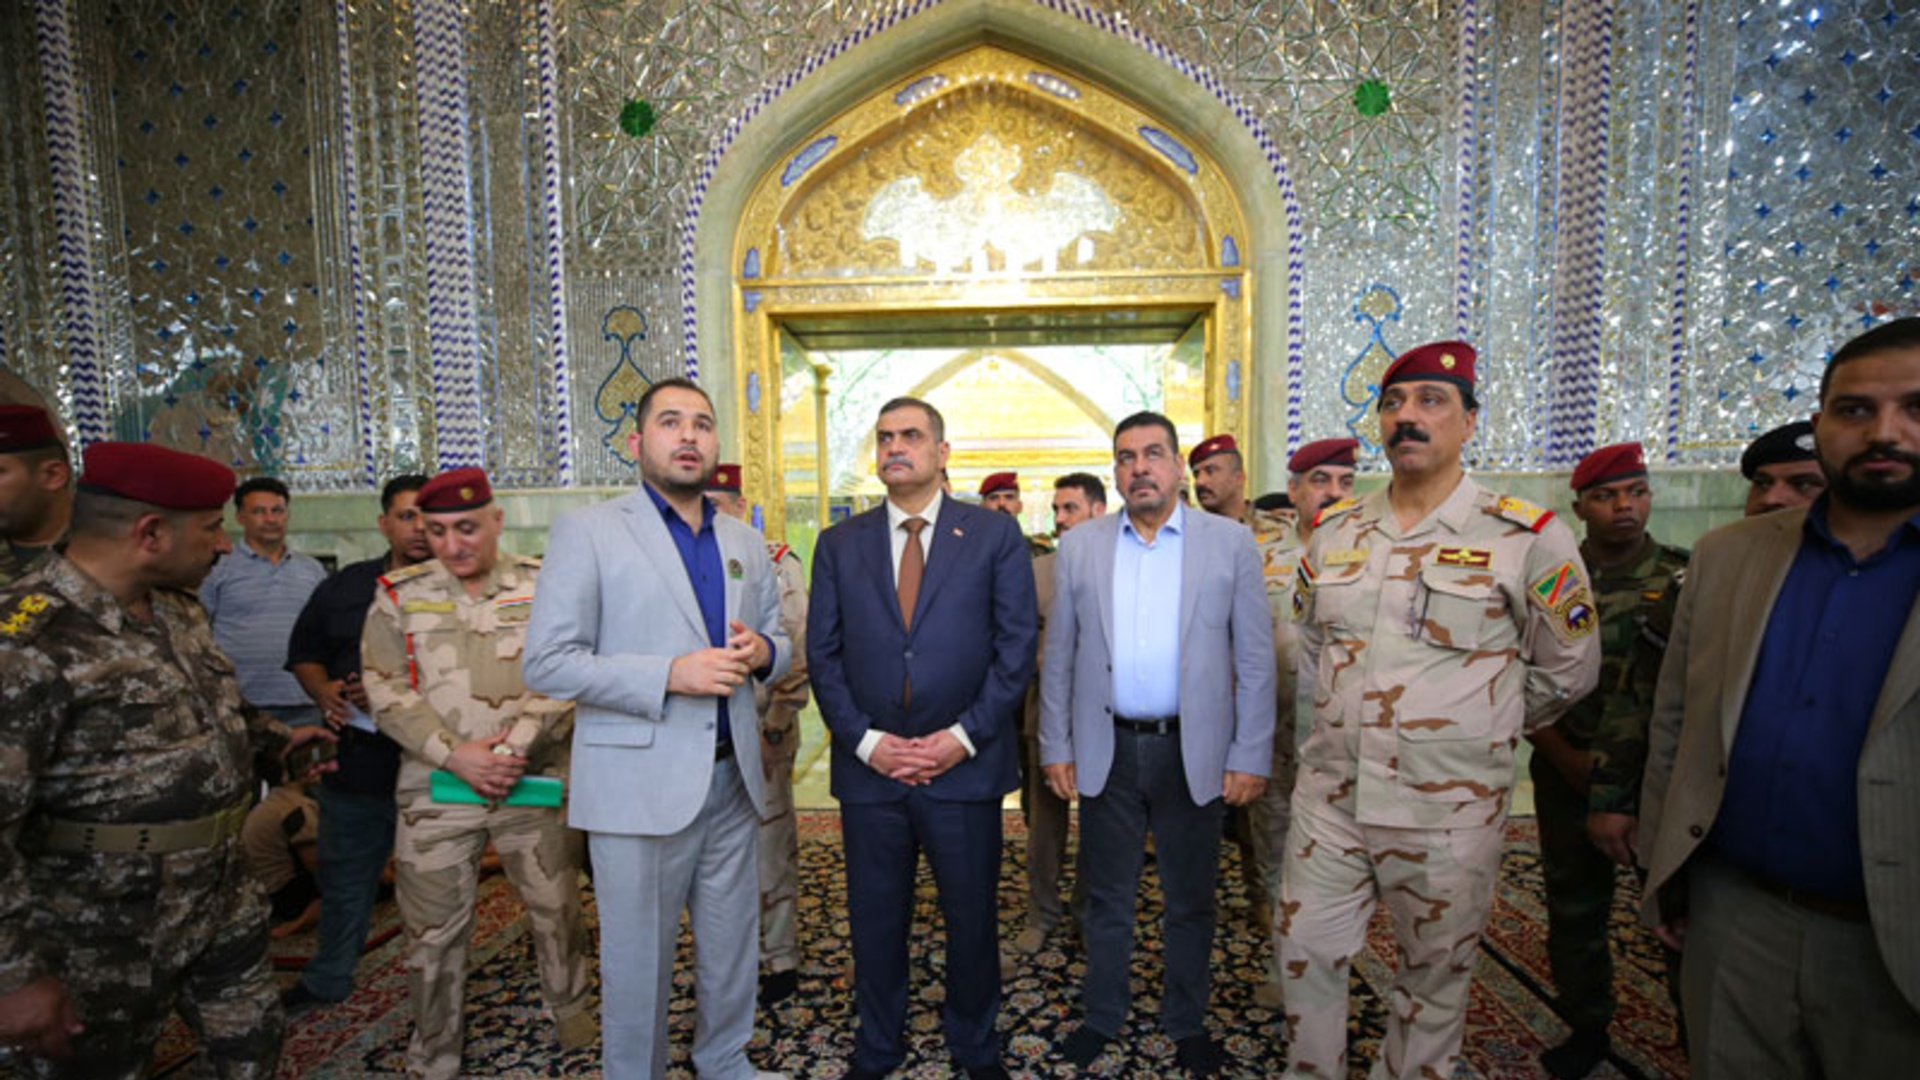 وزير الدفاع يعلن الشروع بفتح الطرق في المدينة القديمة بسامراء